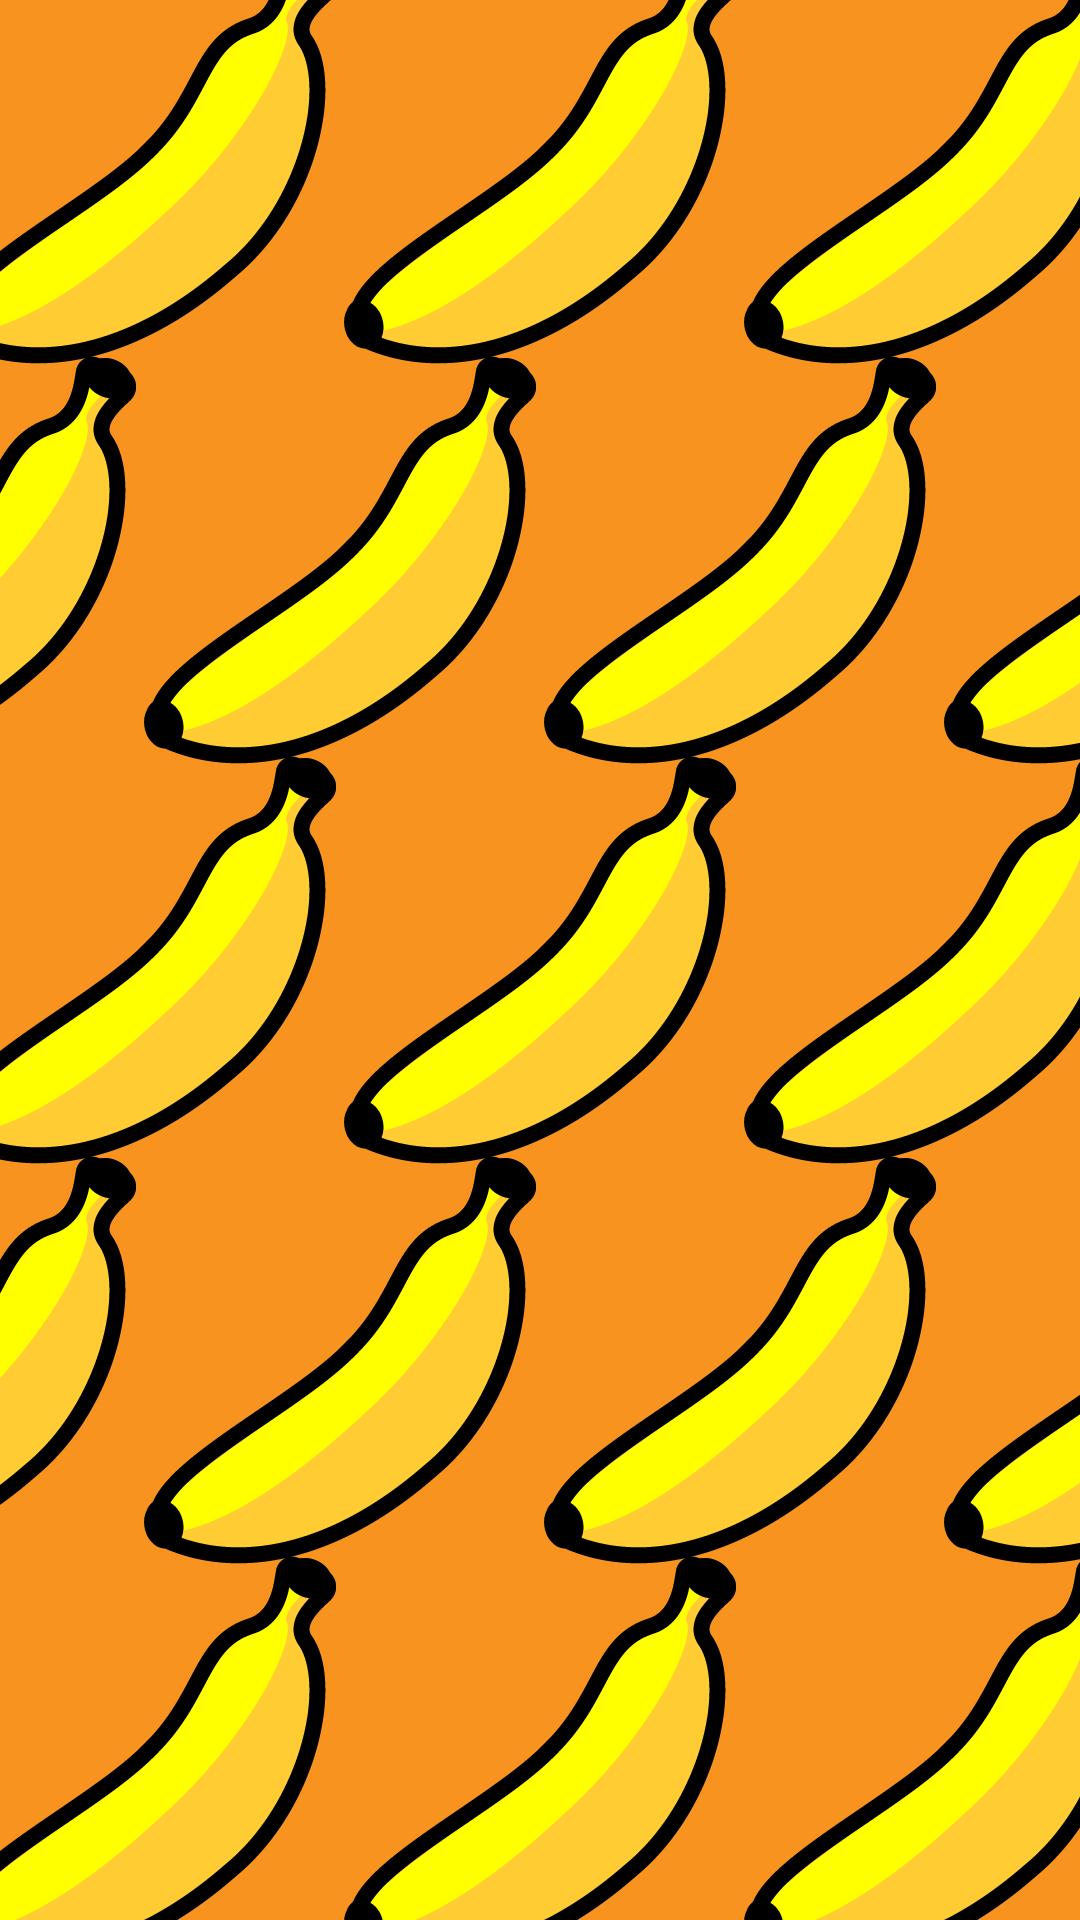 かわいいバナナづくし壁紙(iPhone)の無料イラスト・商用フリー